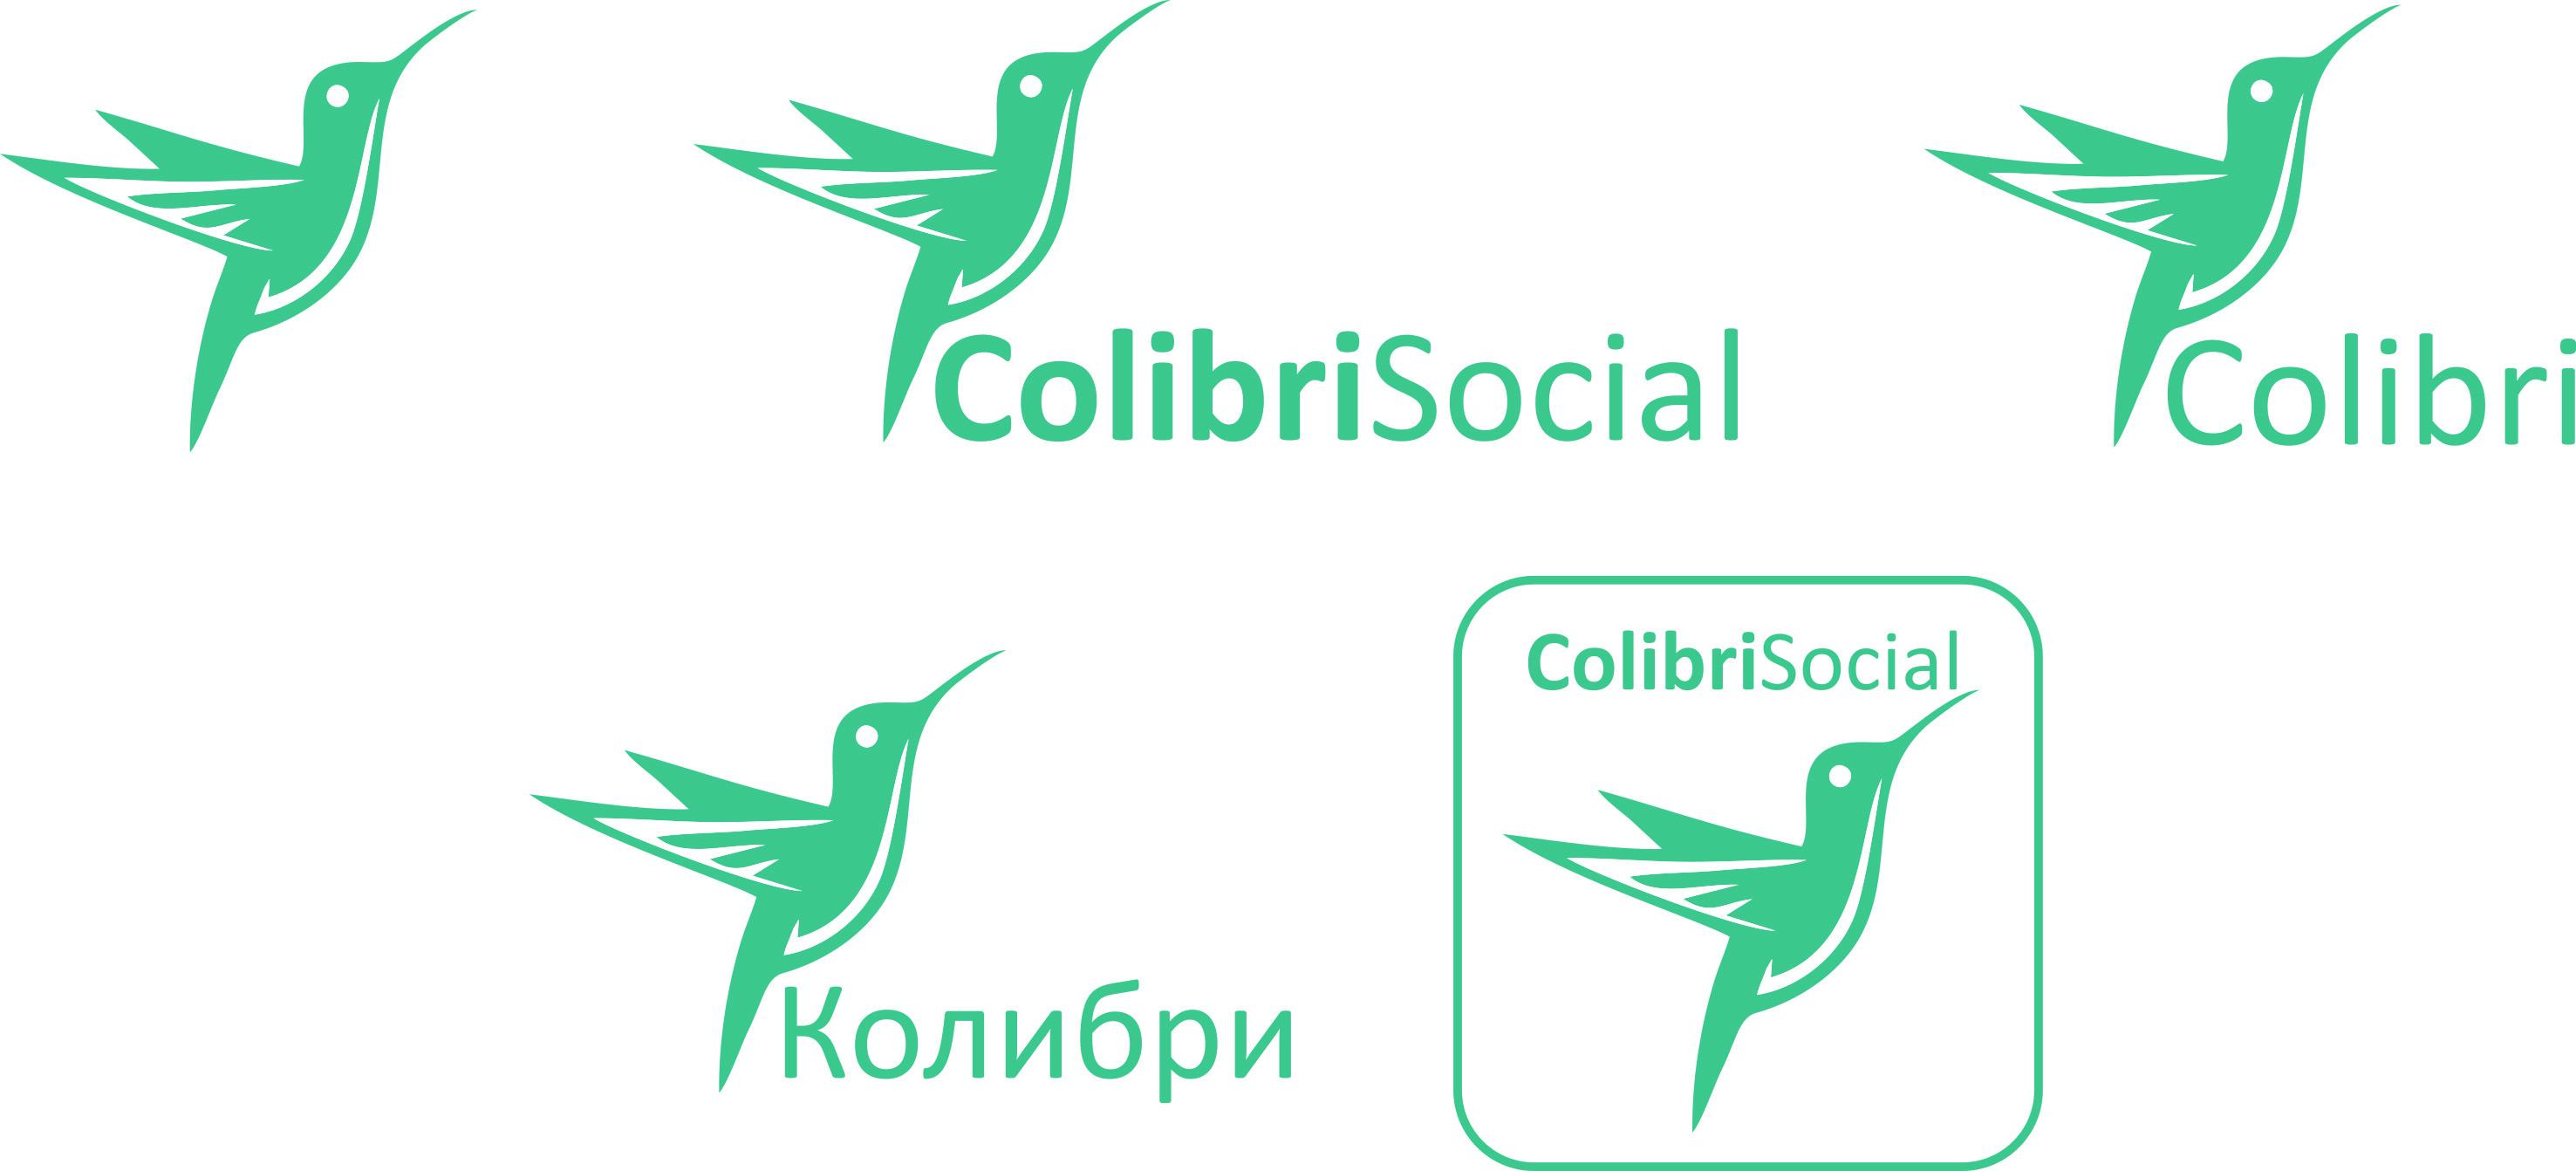 Дизайнер, разработка логотипа компании фото f_685557ed01eccecf.jpg